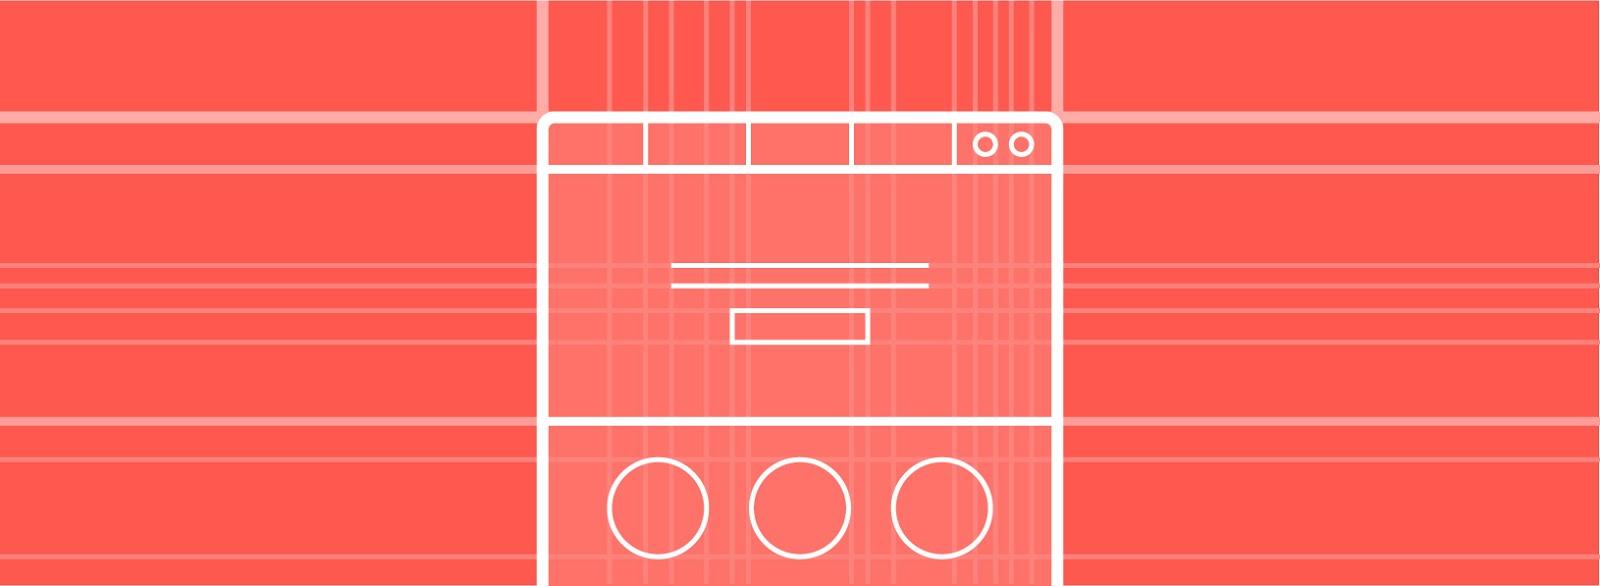 Tu diseño web en 5 grandes puntos